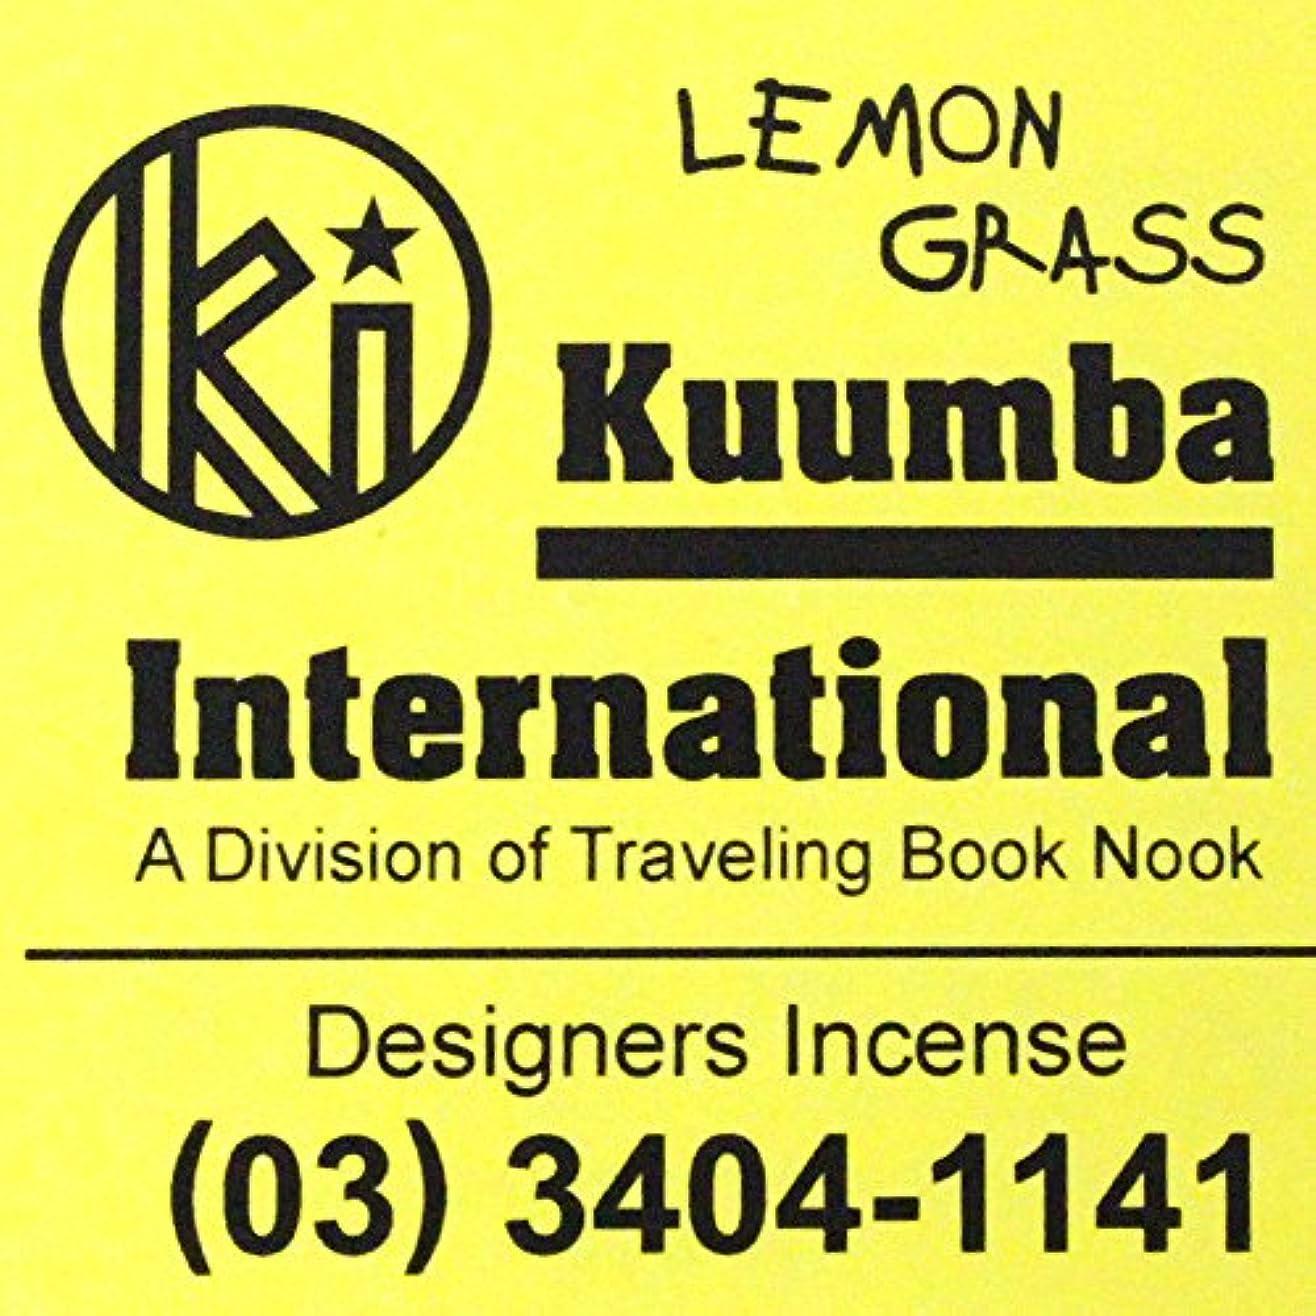 削減リマーク滑りやすい(クンバ) KUUMBA『incense』(LEMON GRASS) (Regular size)